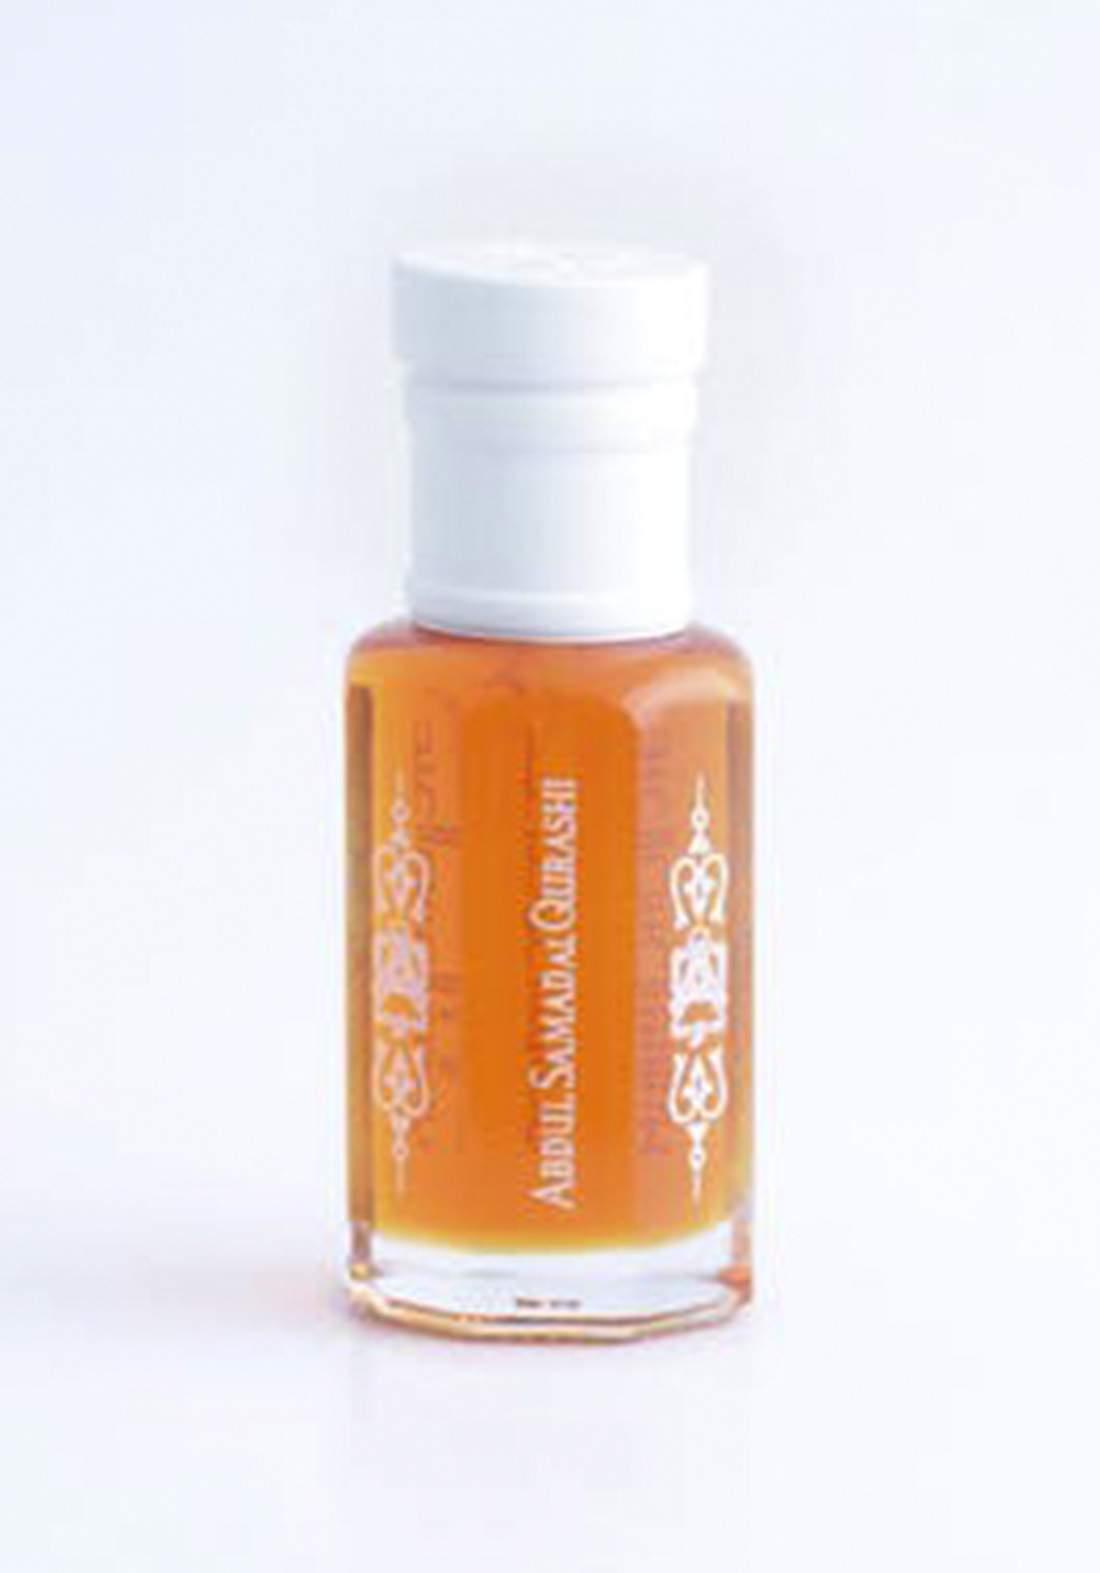 Abdul Samad Al Qurashi-41008  royal jasmine mix Perfume Oil 12g  عطر زيتي